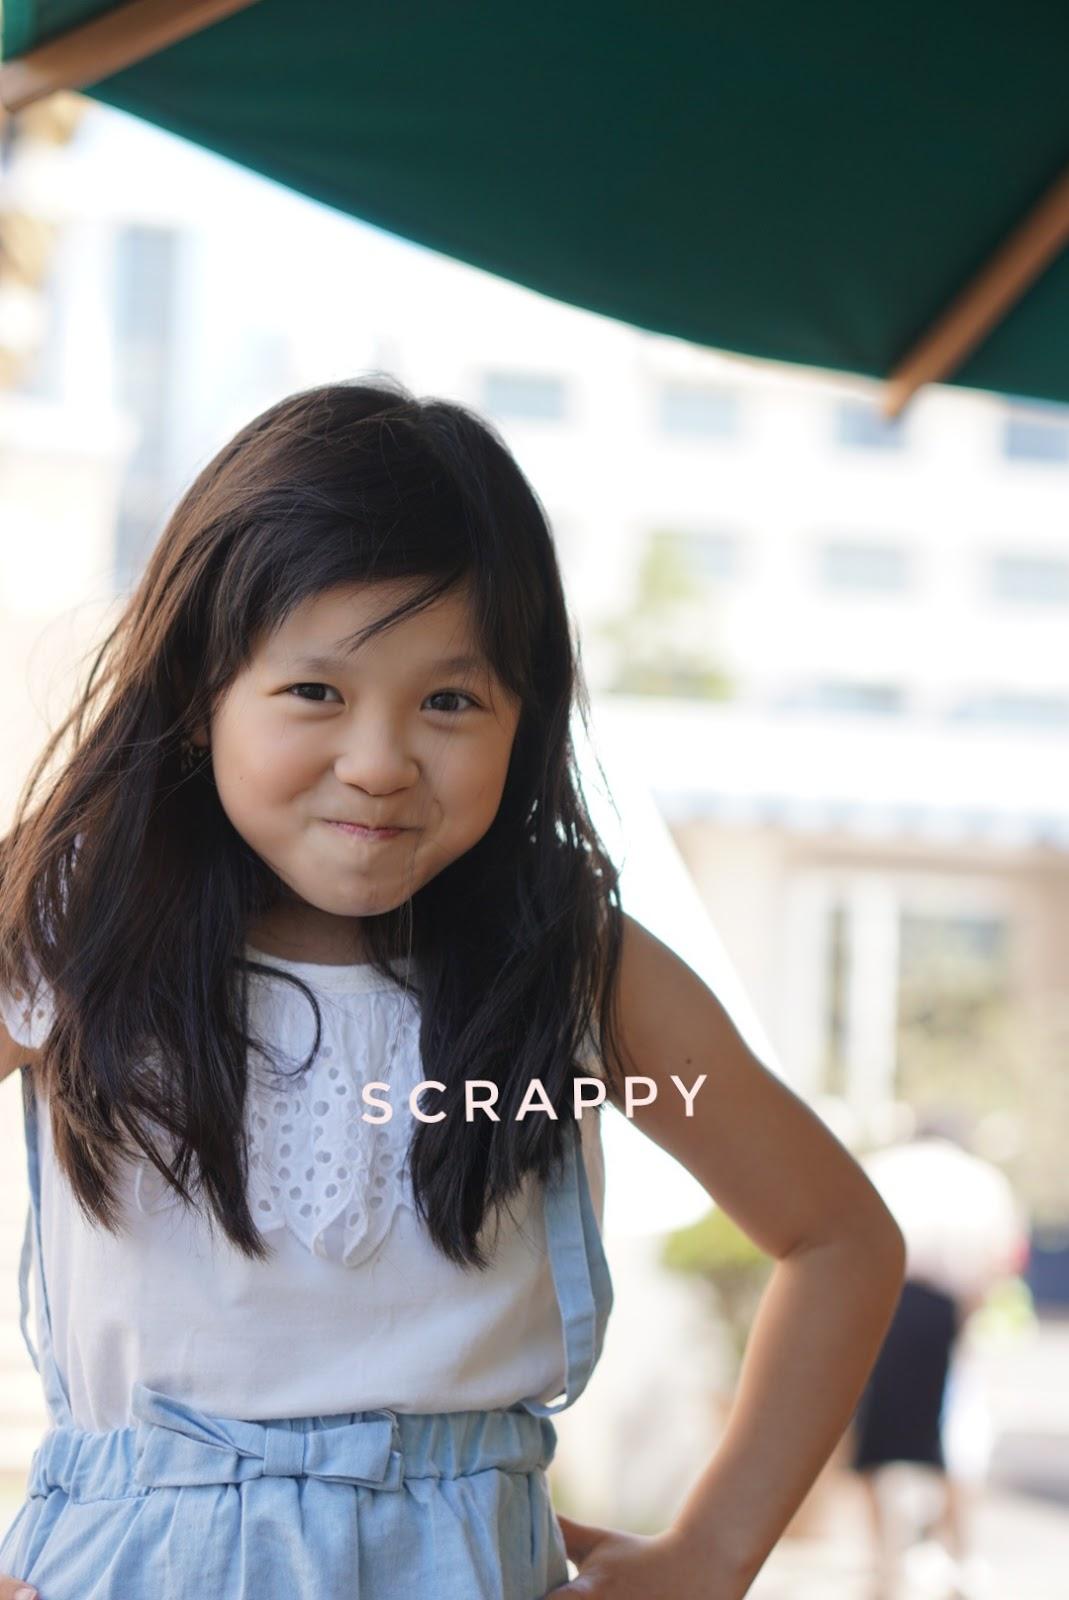 SCRAPPY companion piece